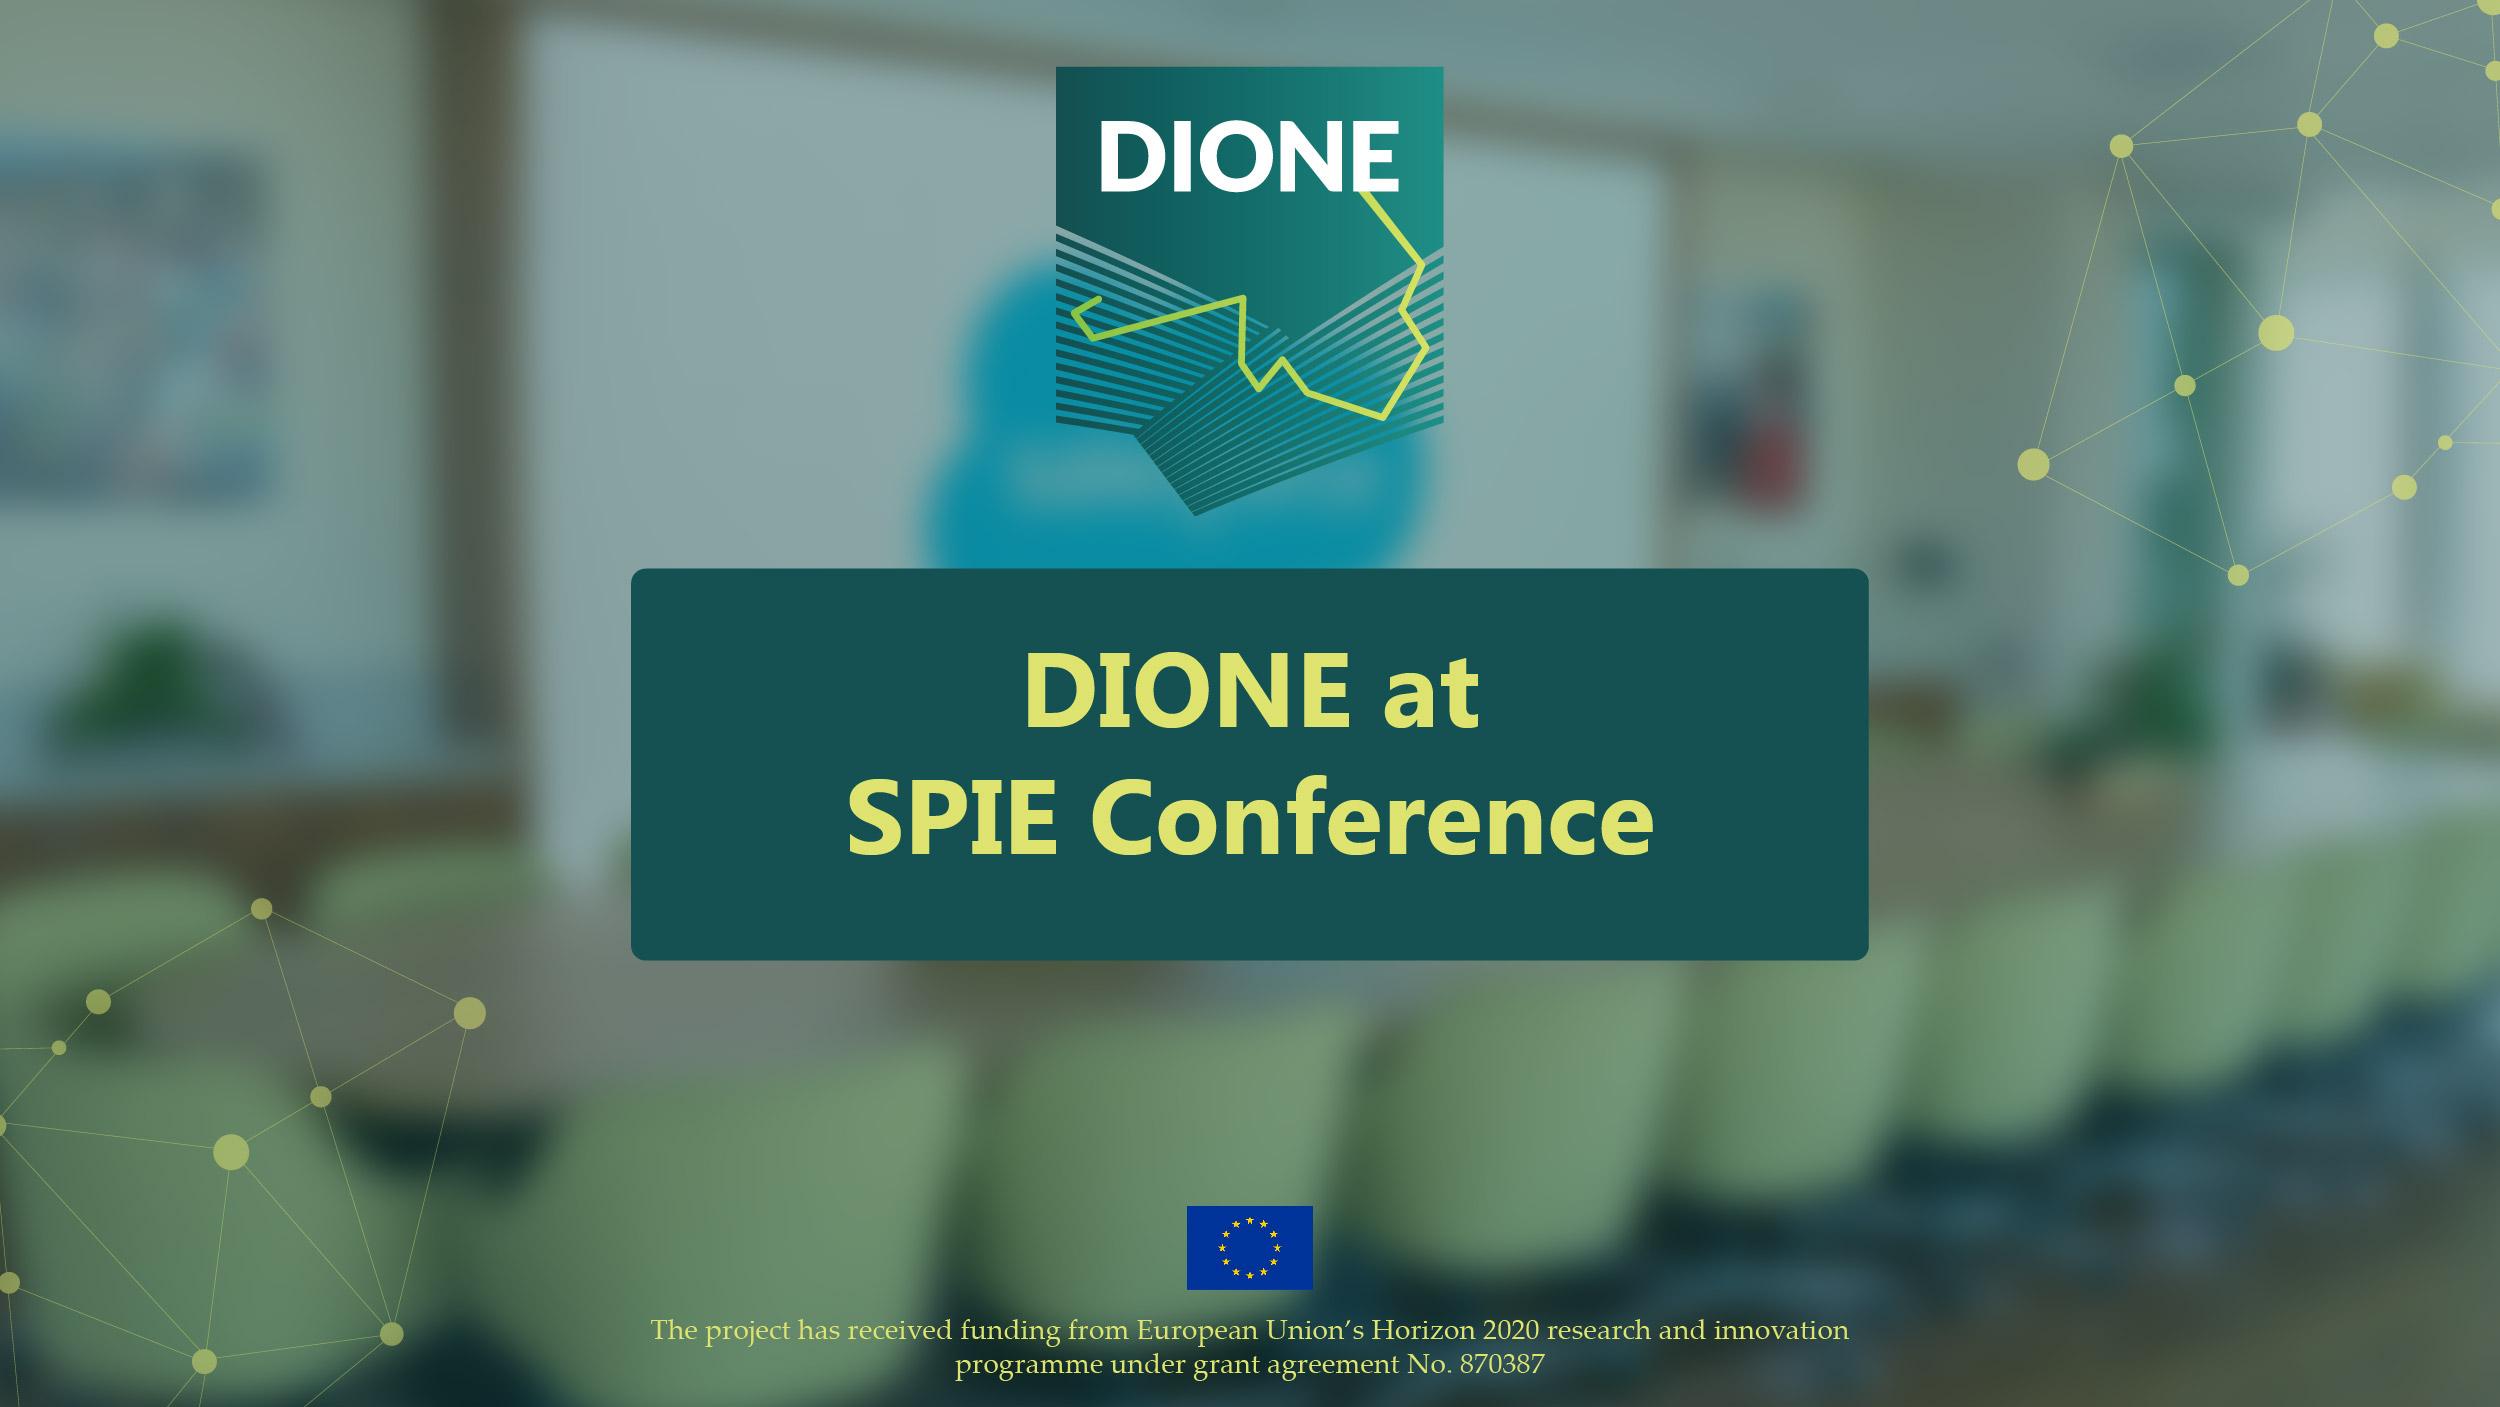 DIONE at SPIE